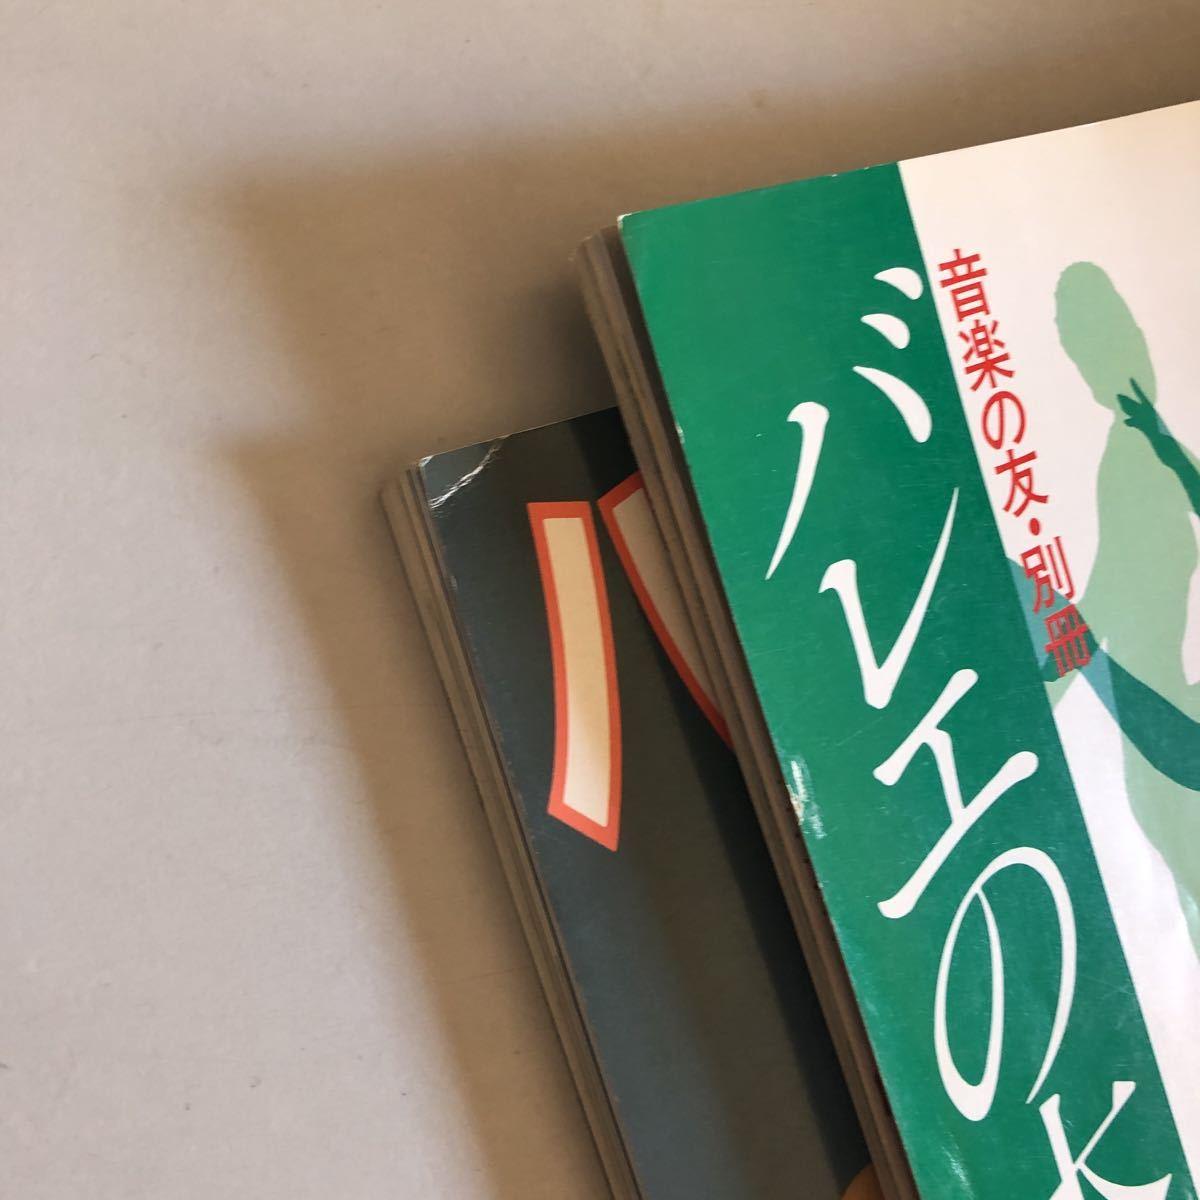 1368 貴重 1986年/1987年 バレエの本 音楽の友別冊 2冊セット_画像9